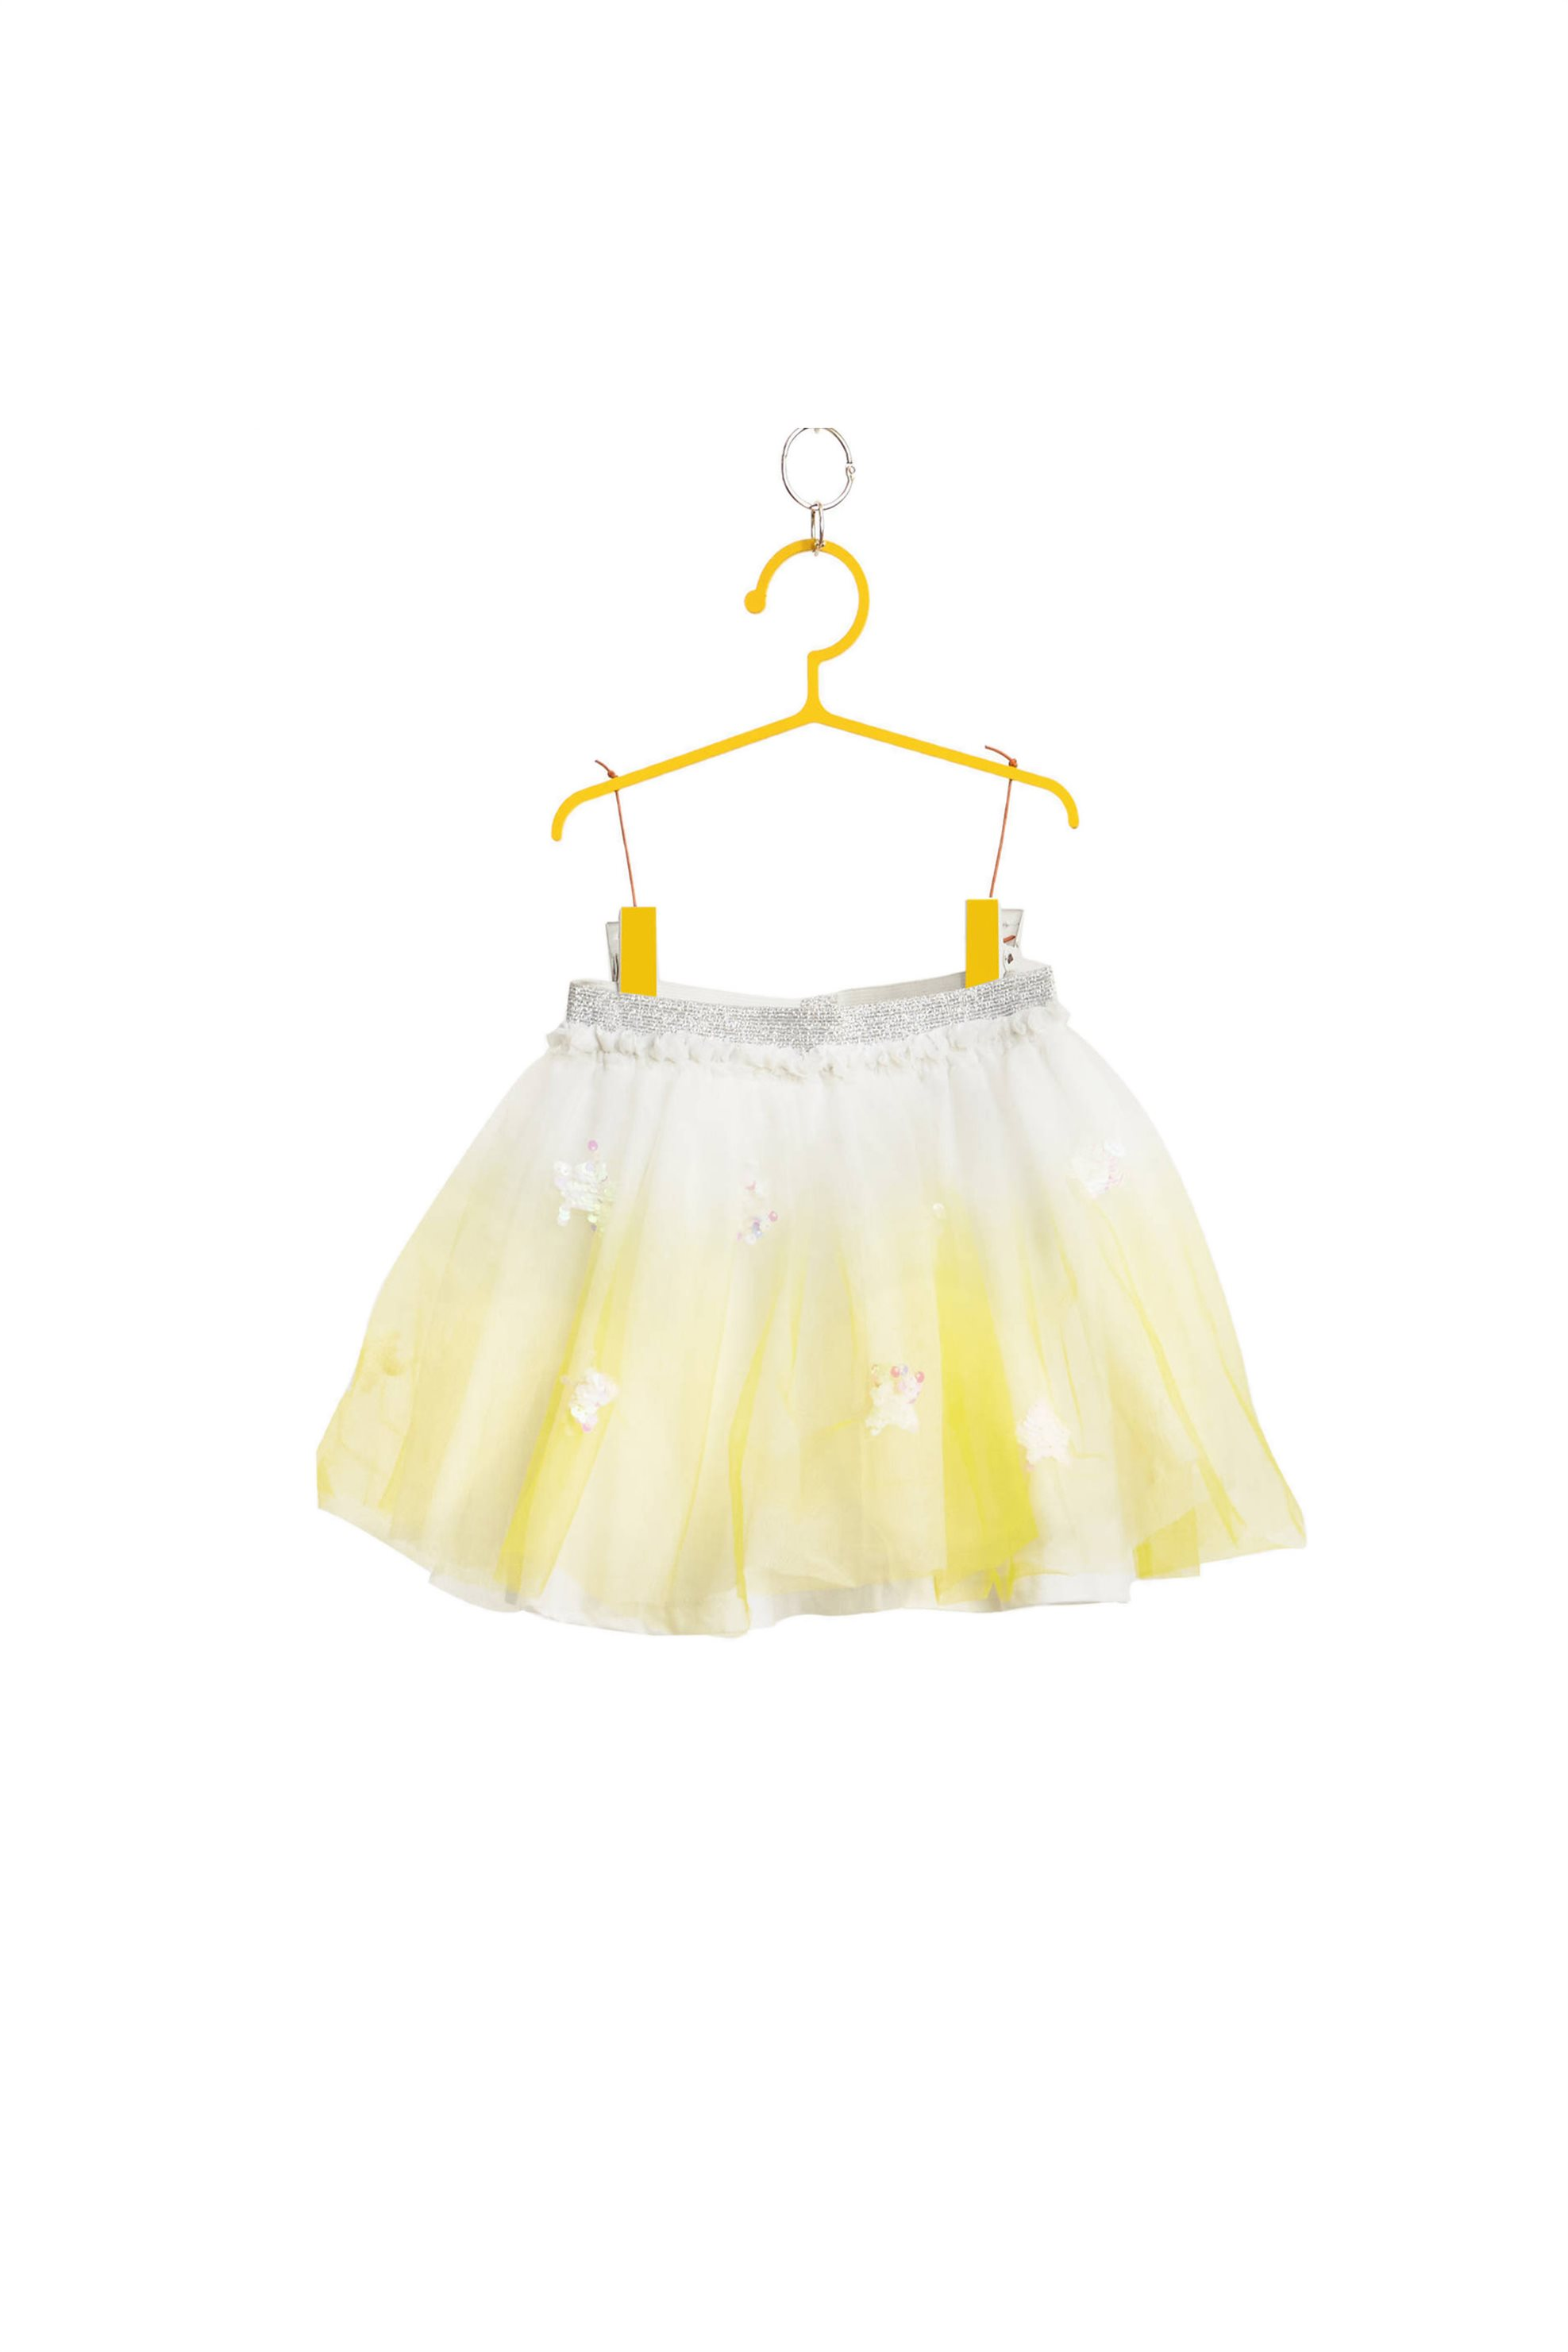 Παιδική φούστα με τούλι OVS - 000167417 - Κίτρινο παιδι   βρεφικα κοριτσι   0 3 ετων   κοριτσι   4 14 ετων   φούστες   ρούχα   φορ